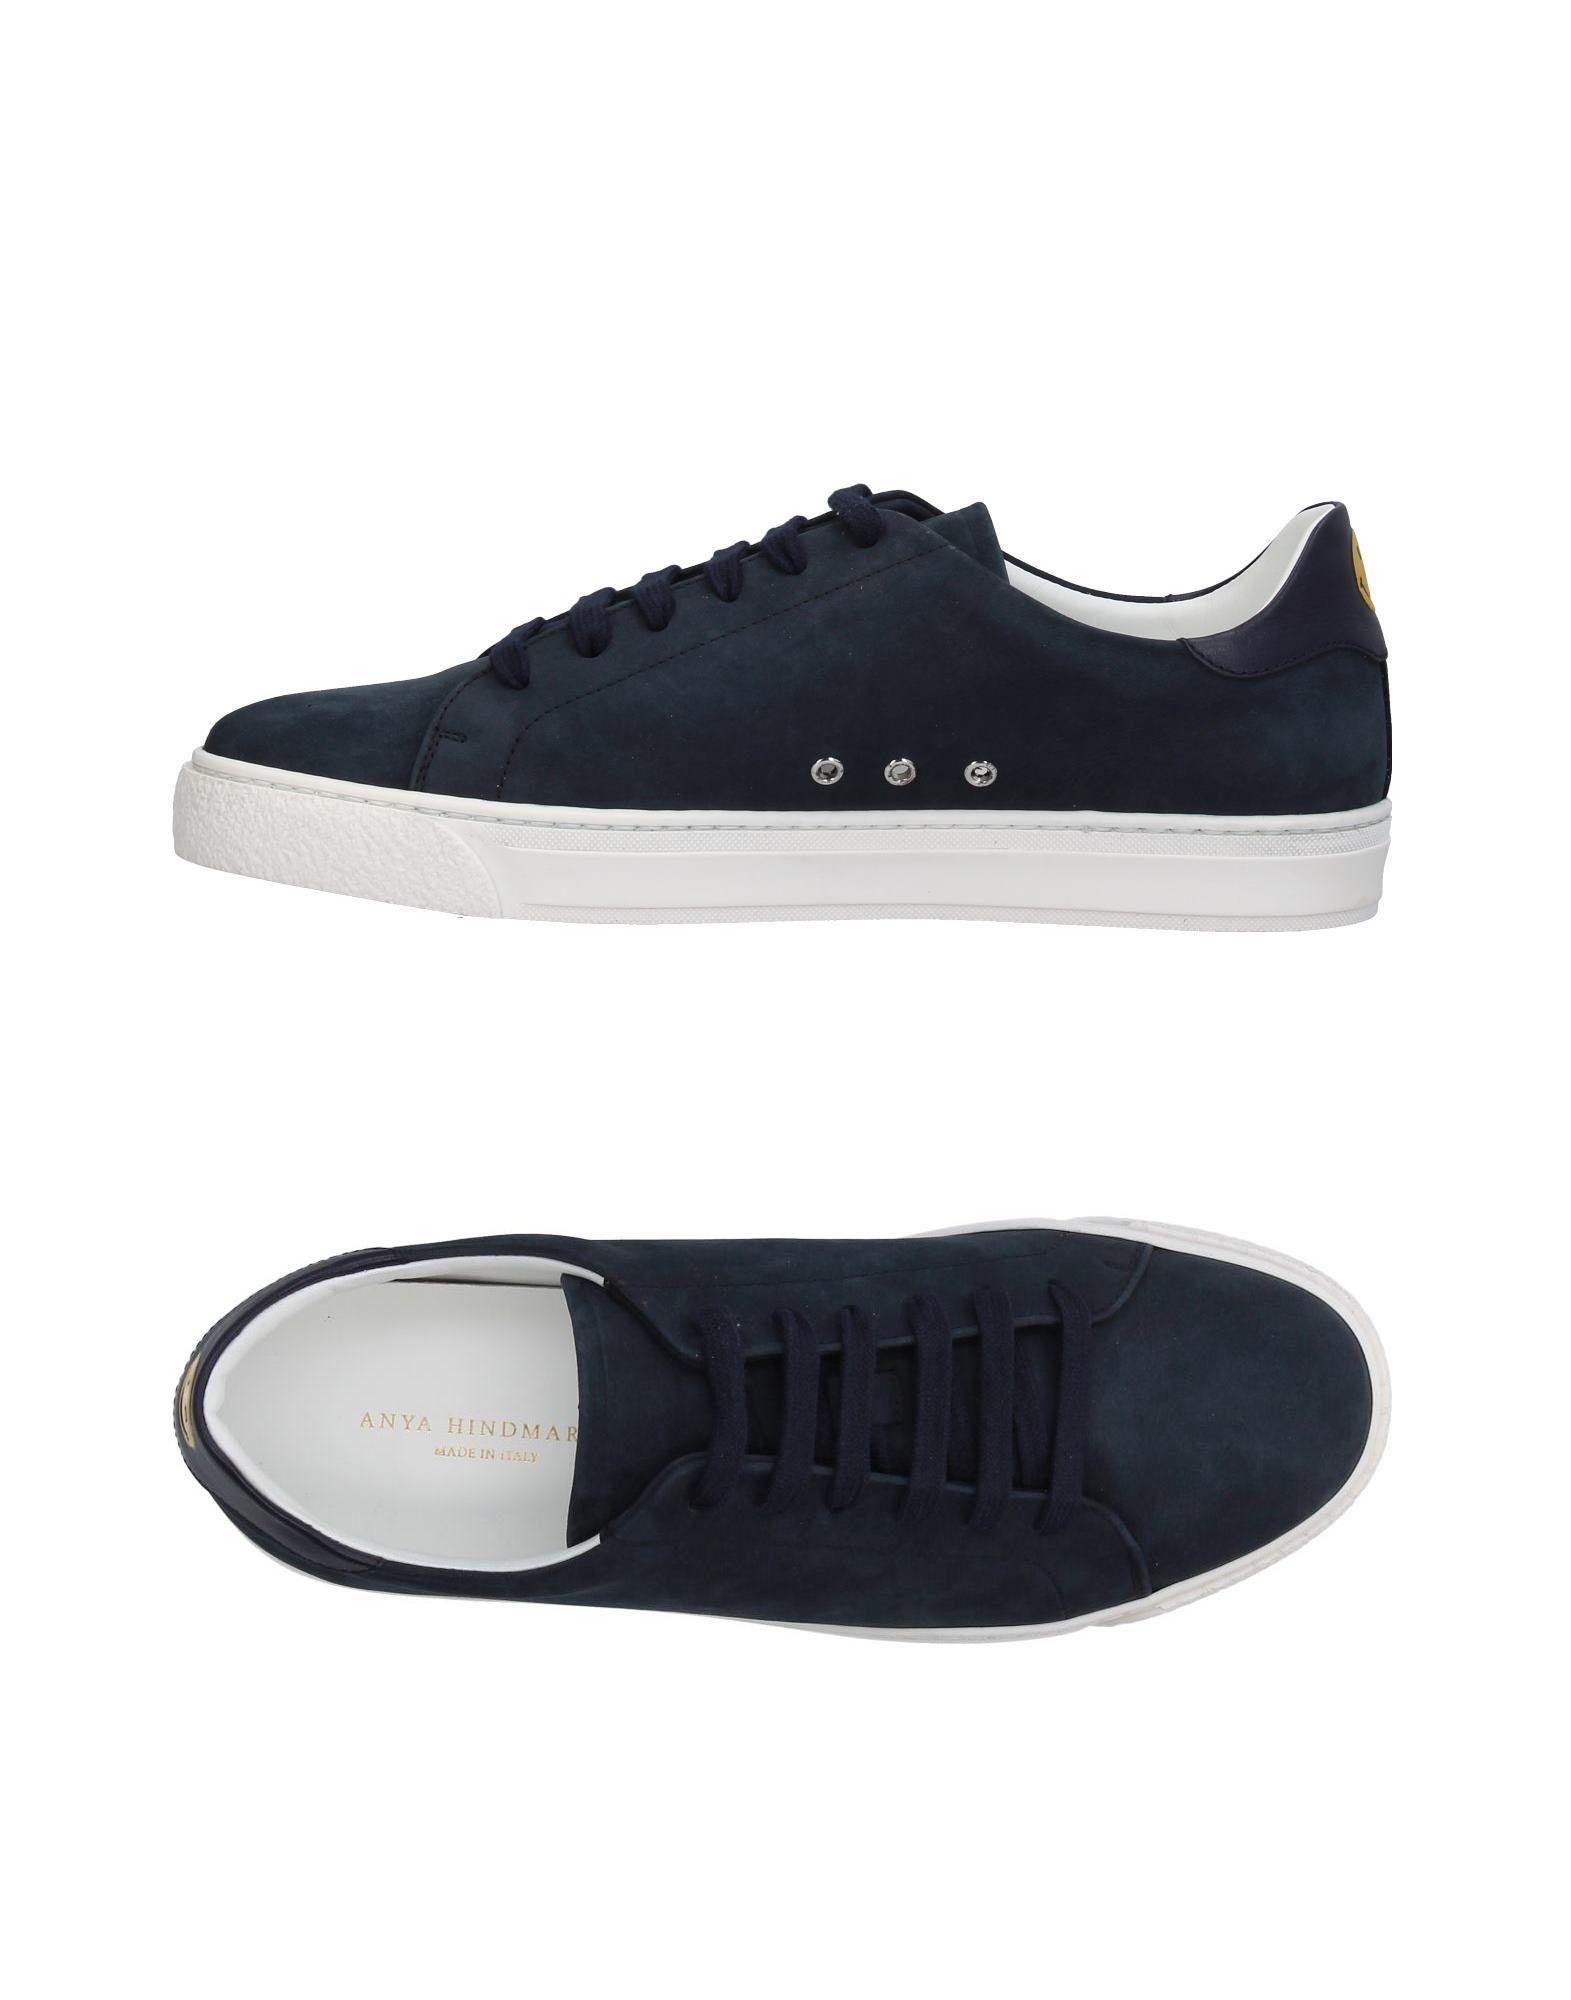 FOOTWEAR - Low-tops & sneakers Henderson 9Jz9tkRtfu